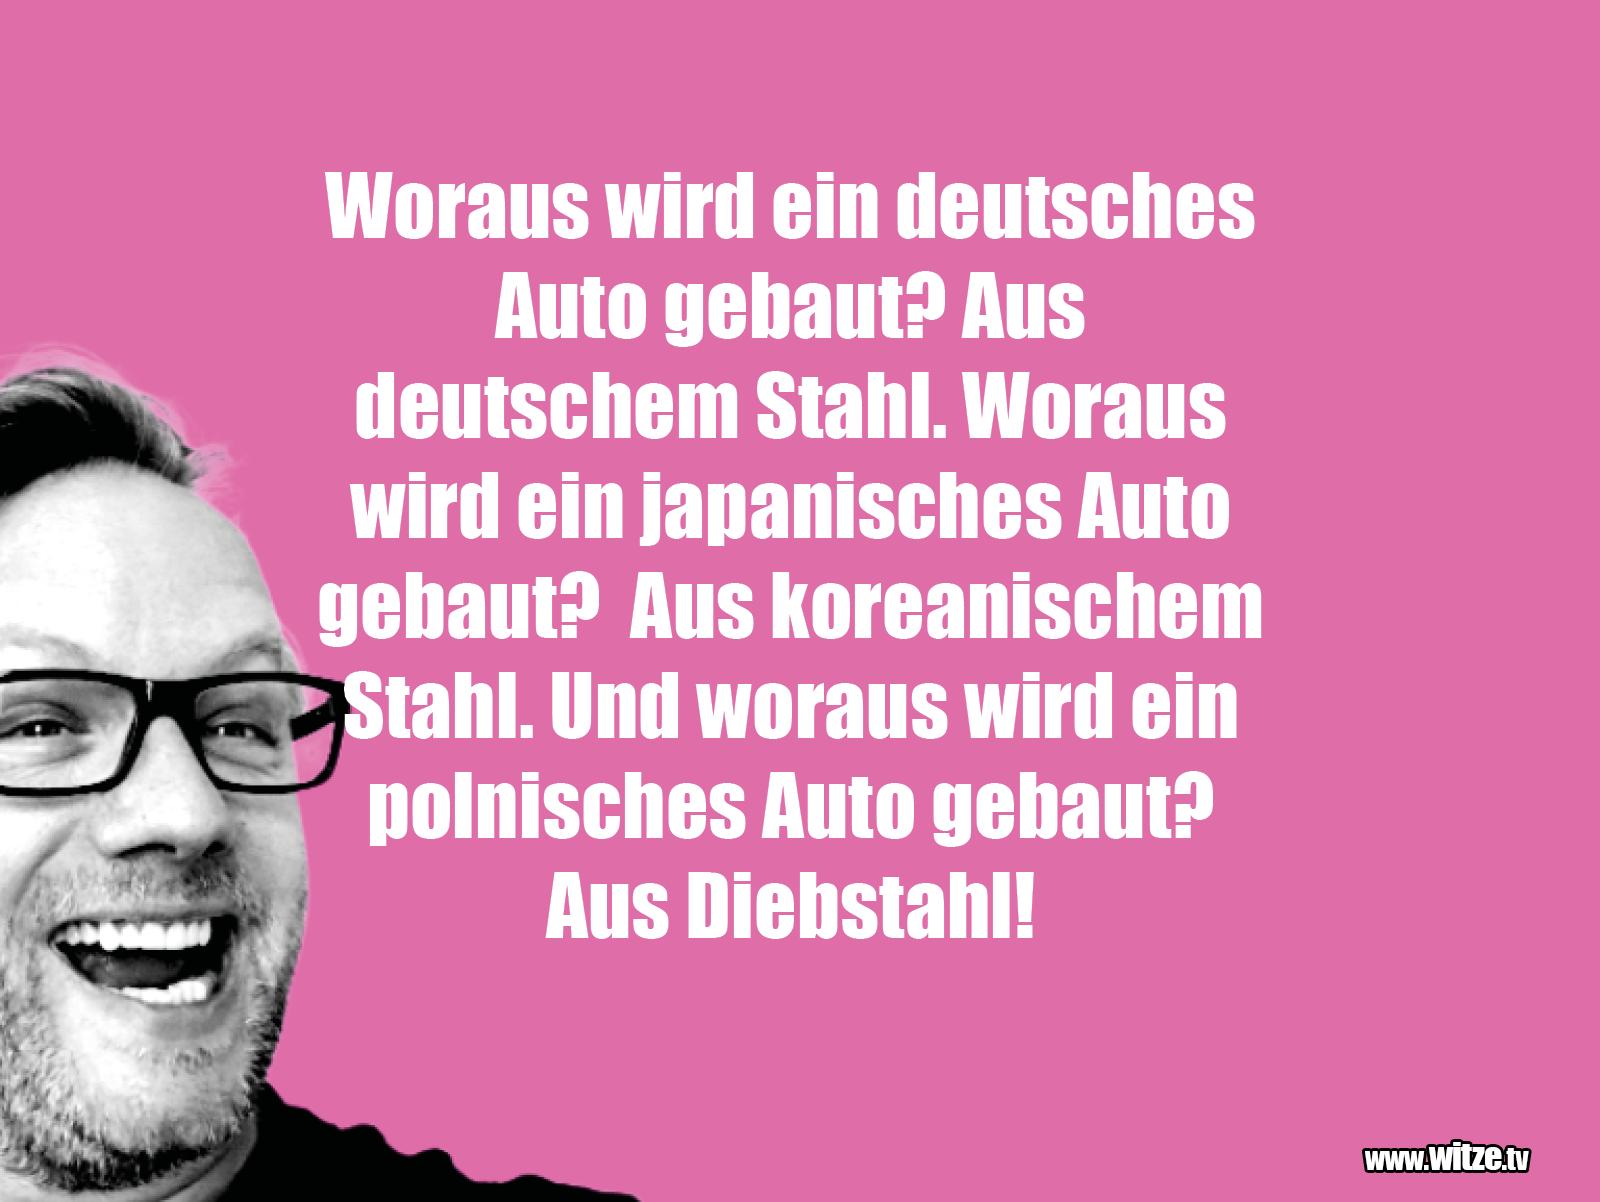 Hammer Joke... Woraus wird ein deutsches Auto...